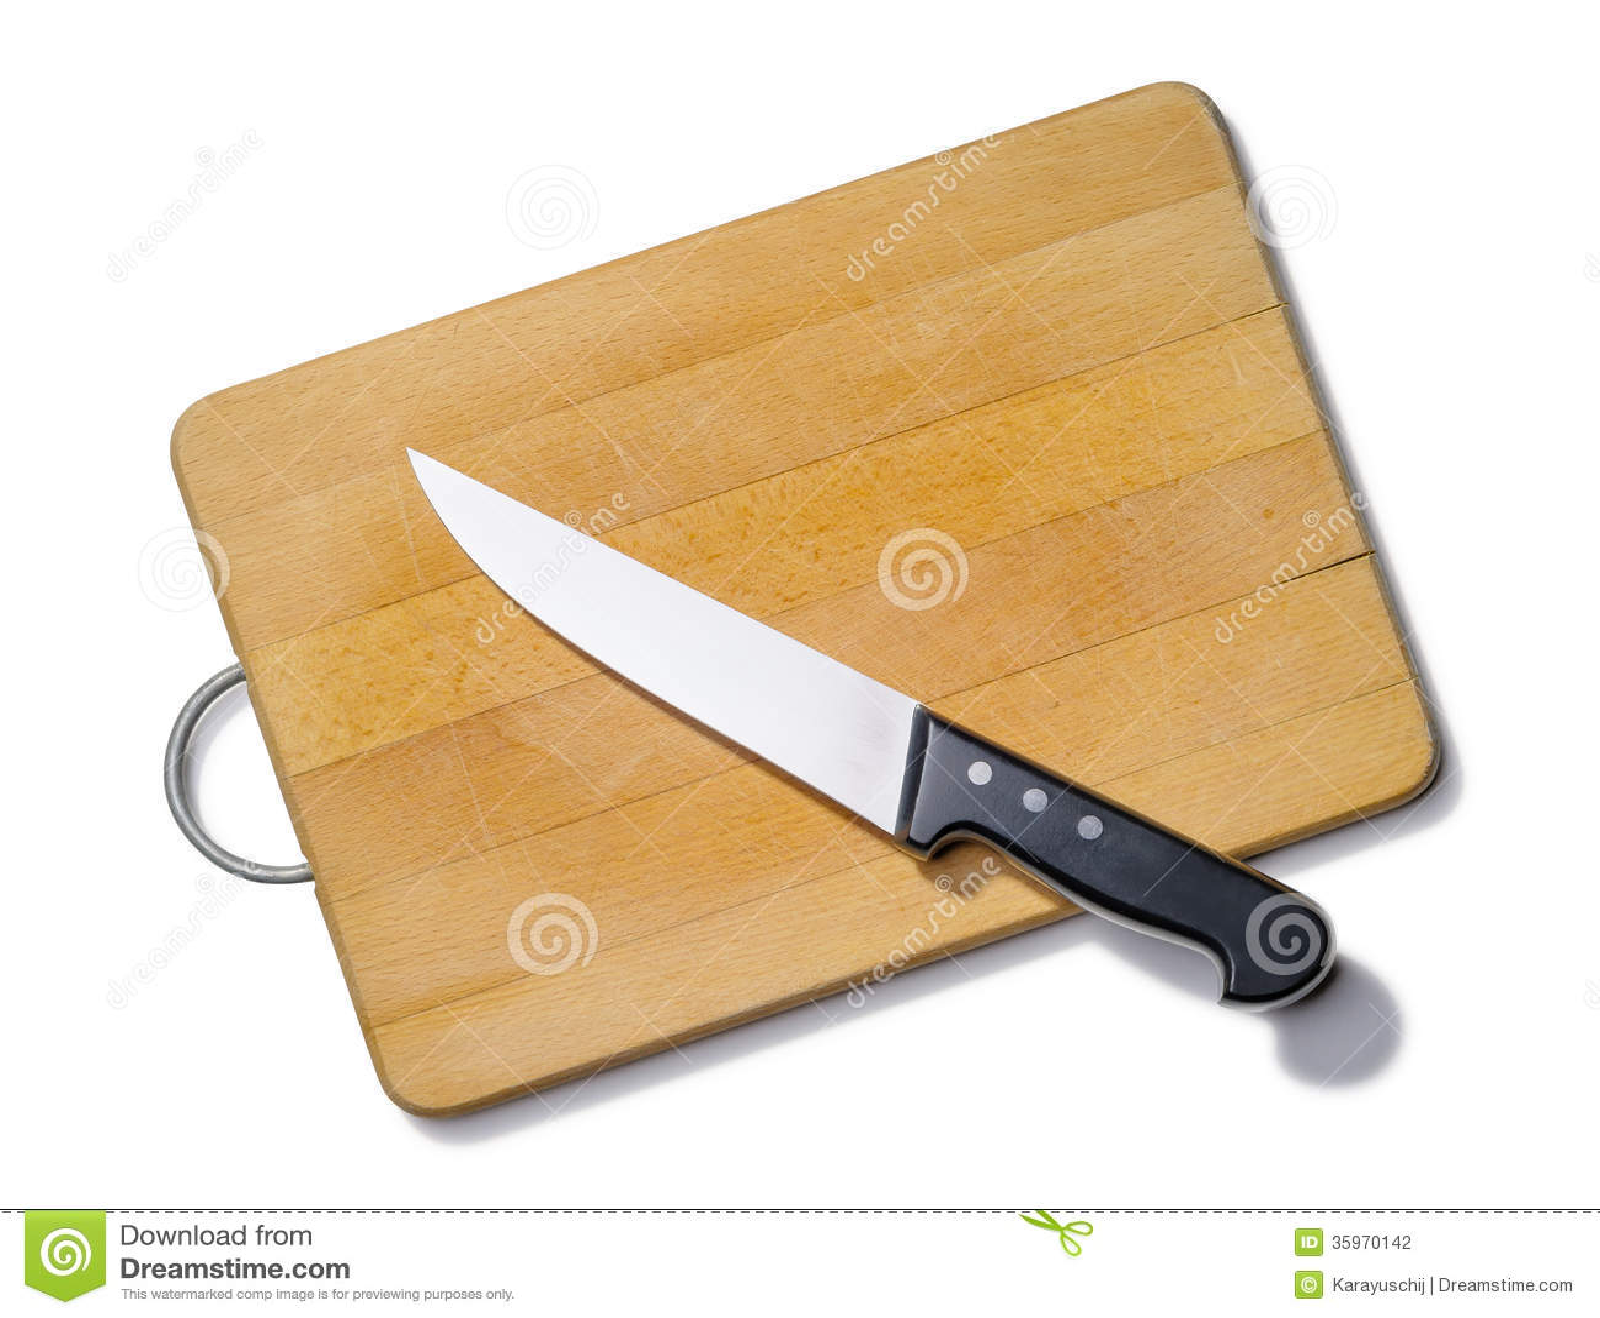 Designer Cake Knives